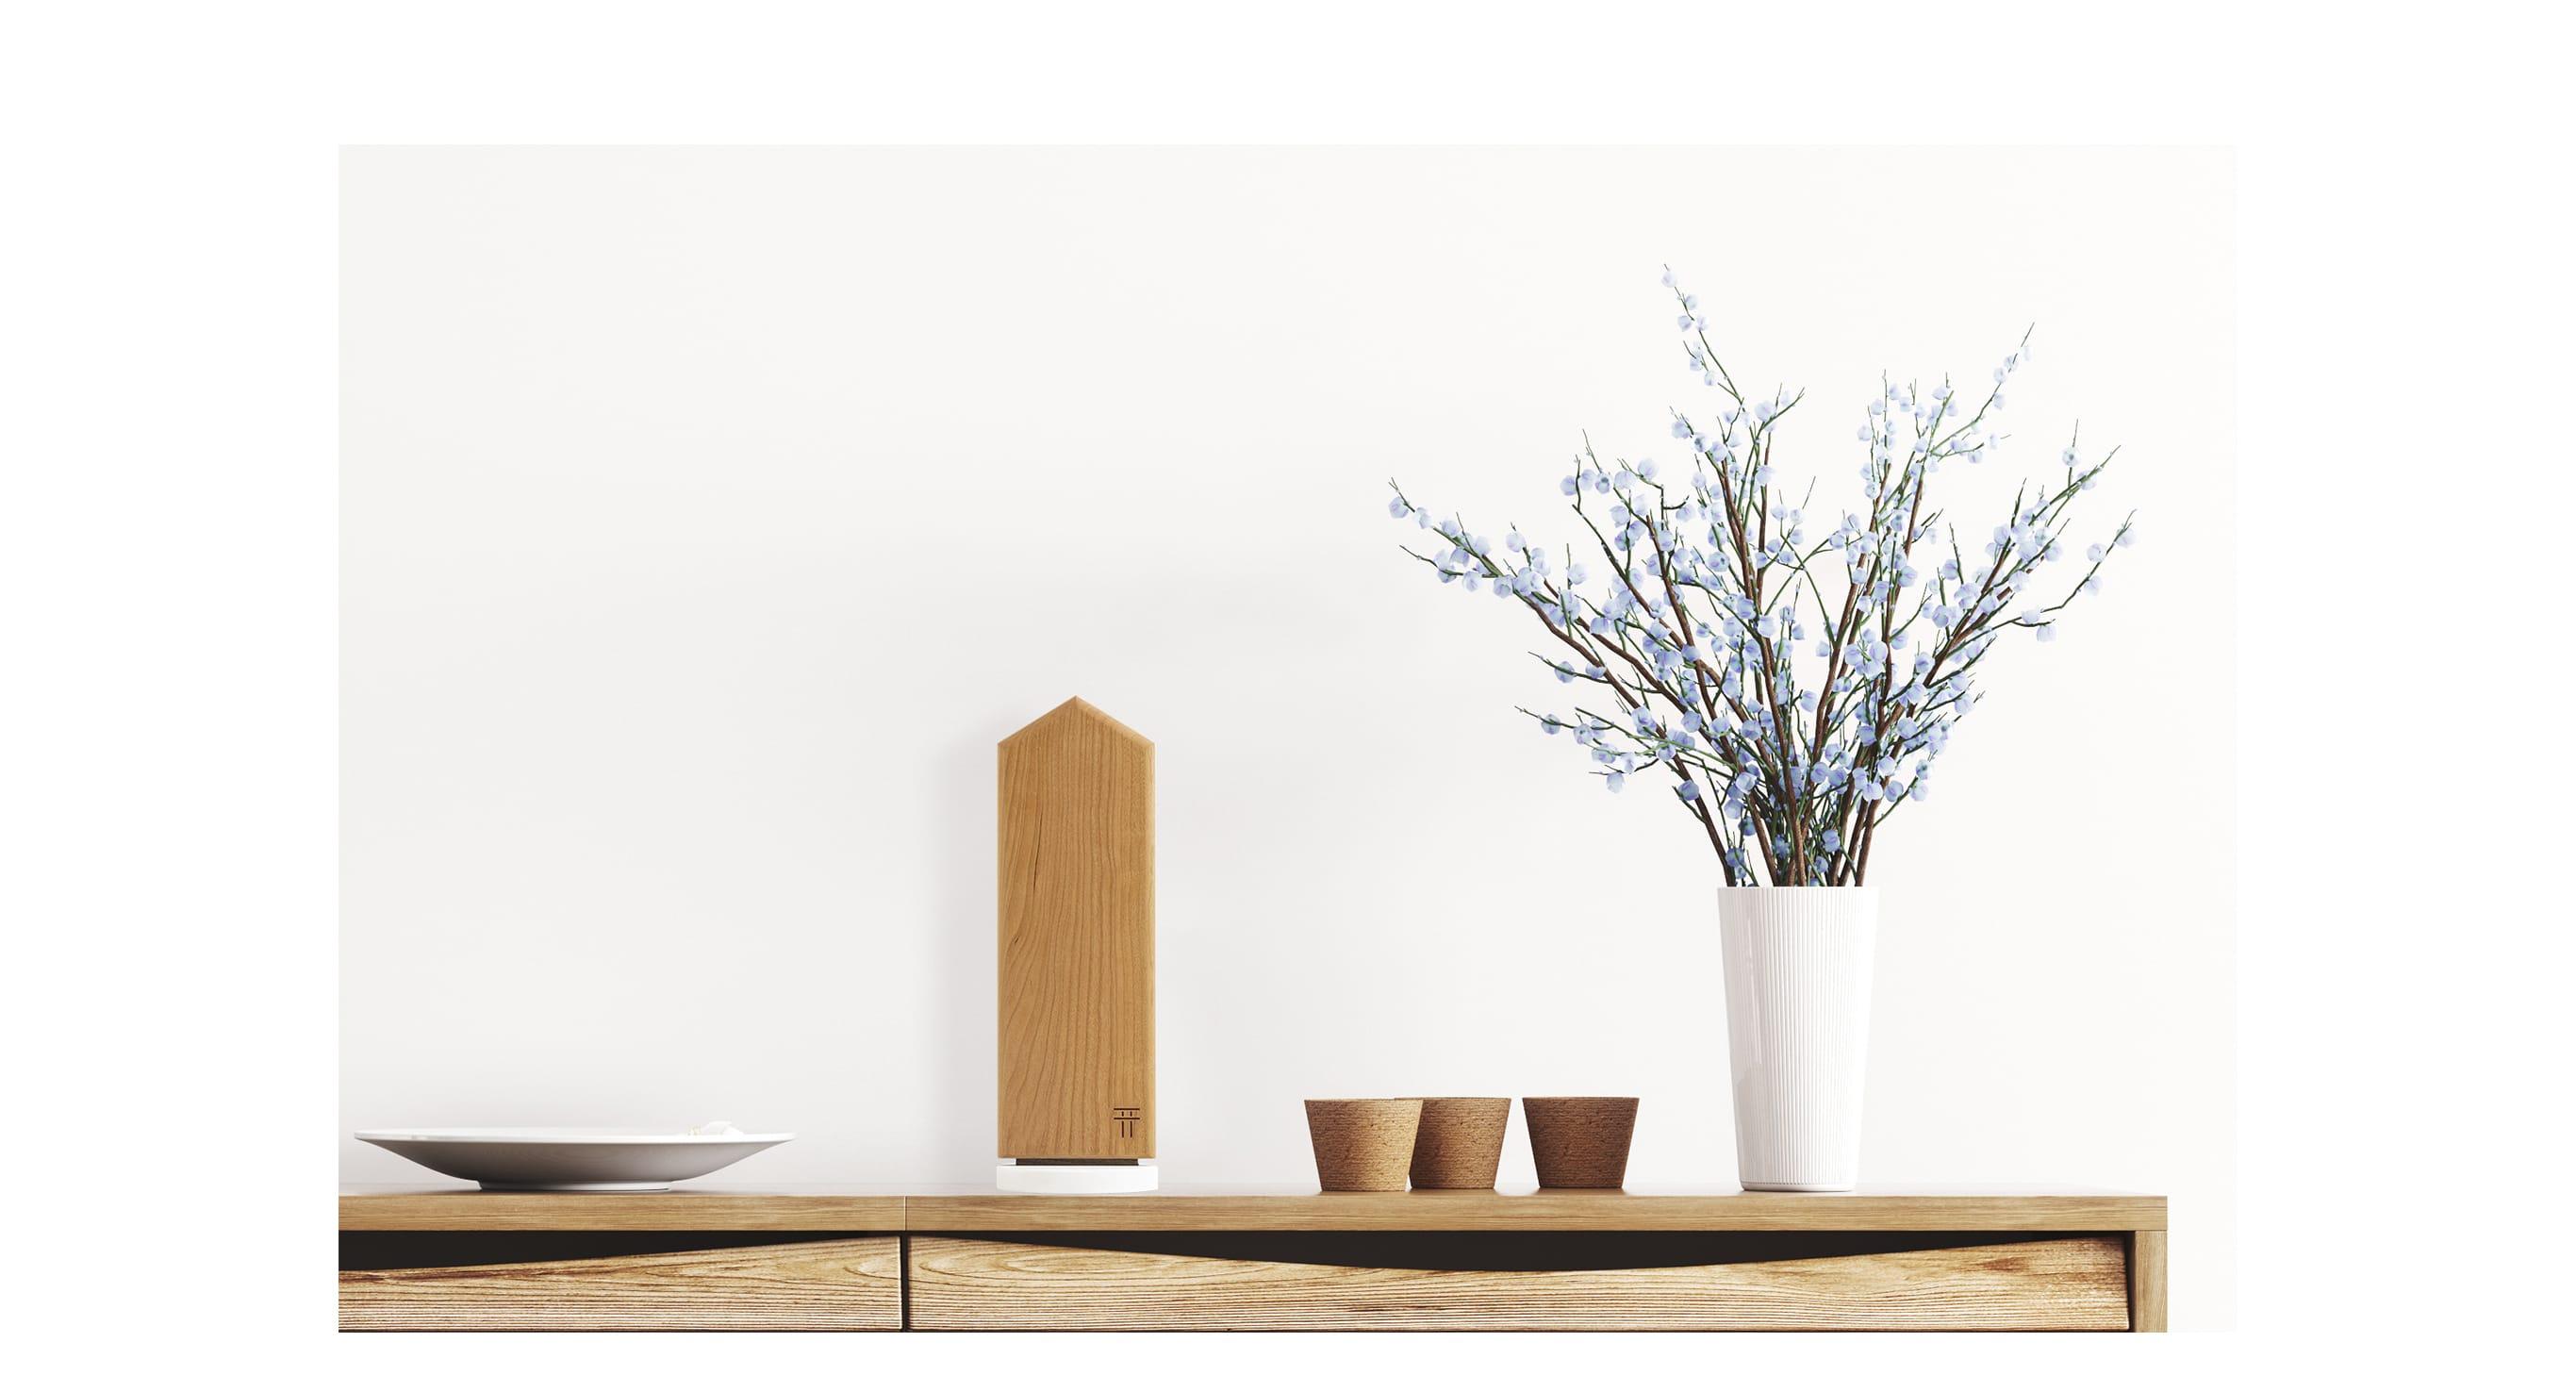 様々な色や材質の紙を折って作られた封筒状の「貼る神棚」。壁に貼ることが可能だ。